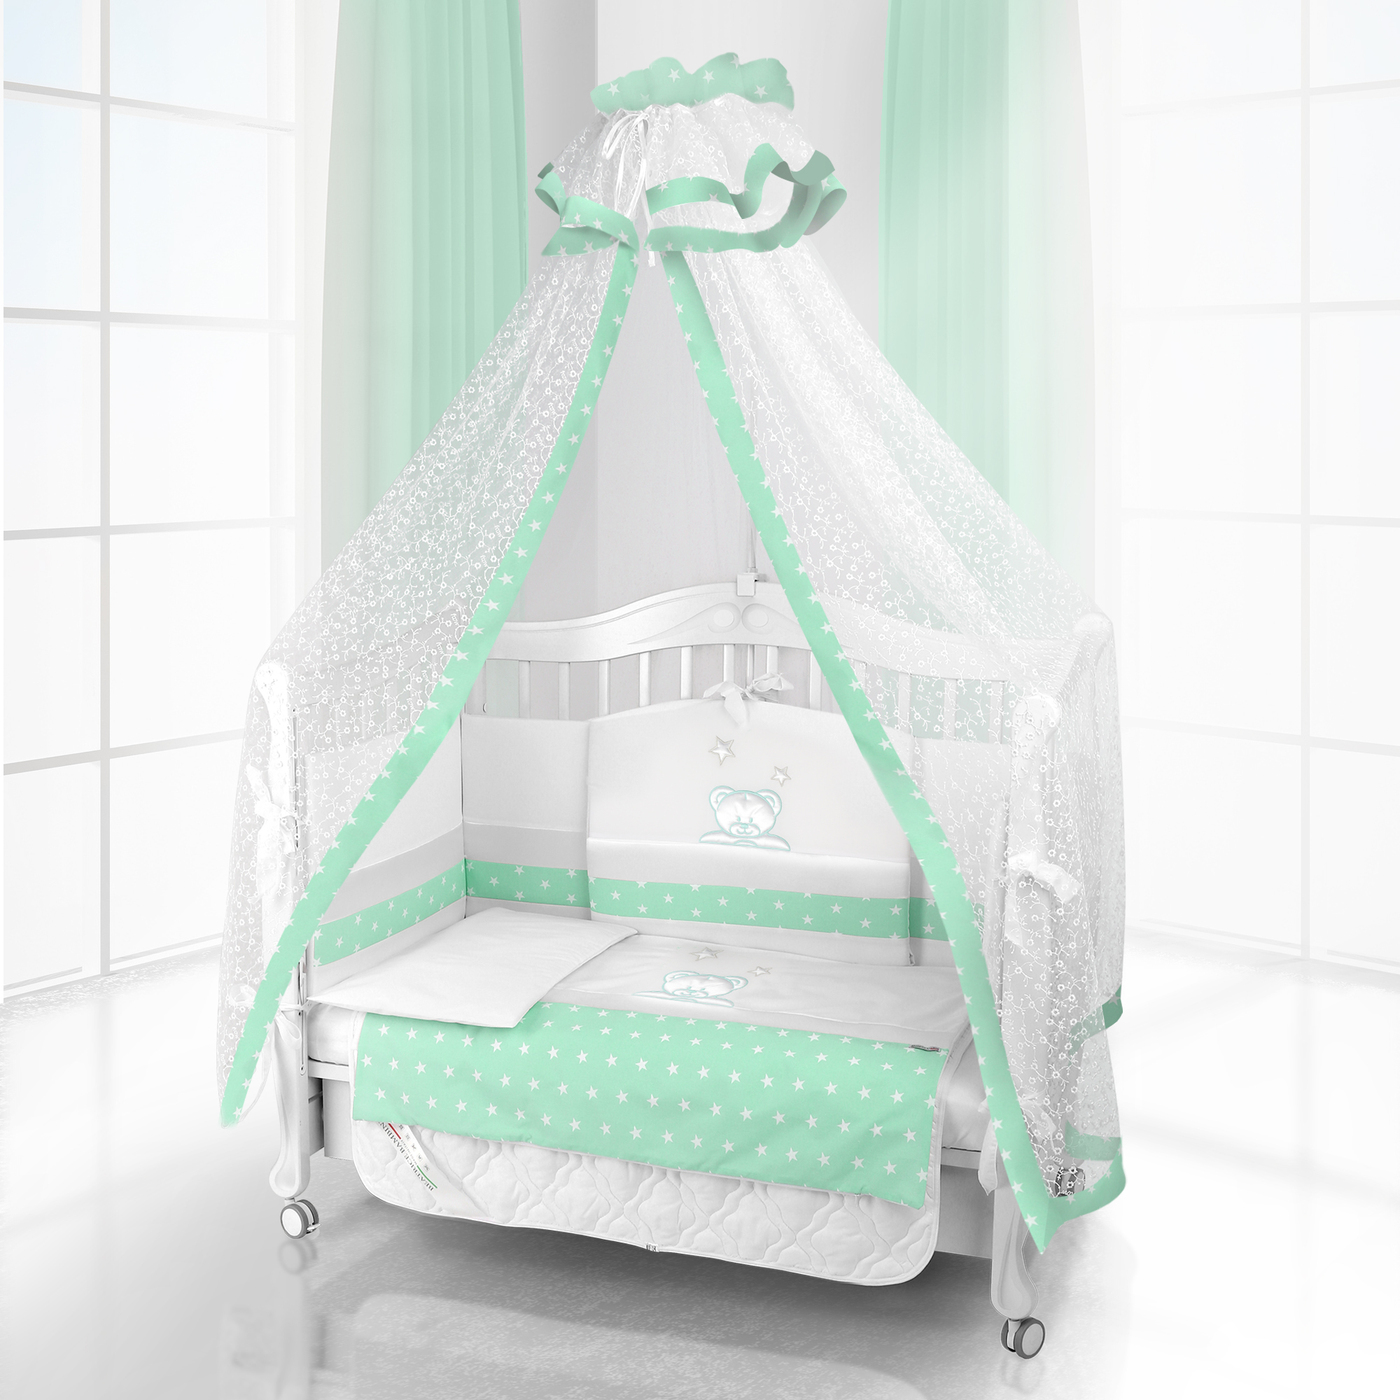 Комплект постельного белья Beatrice Bambini Unico Capolino (120х60) - bianco& verde